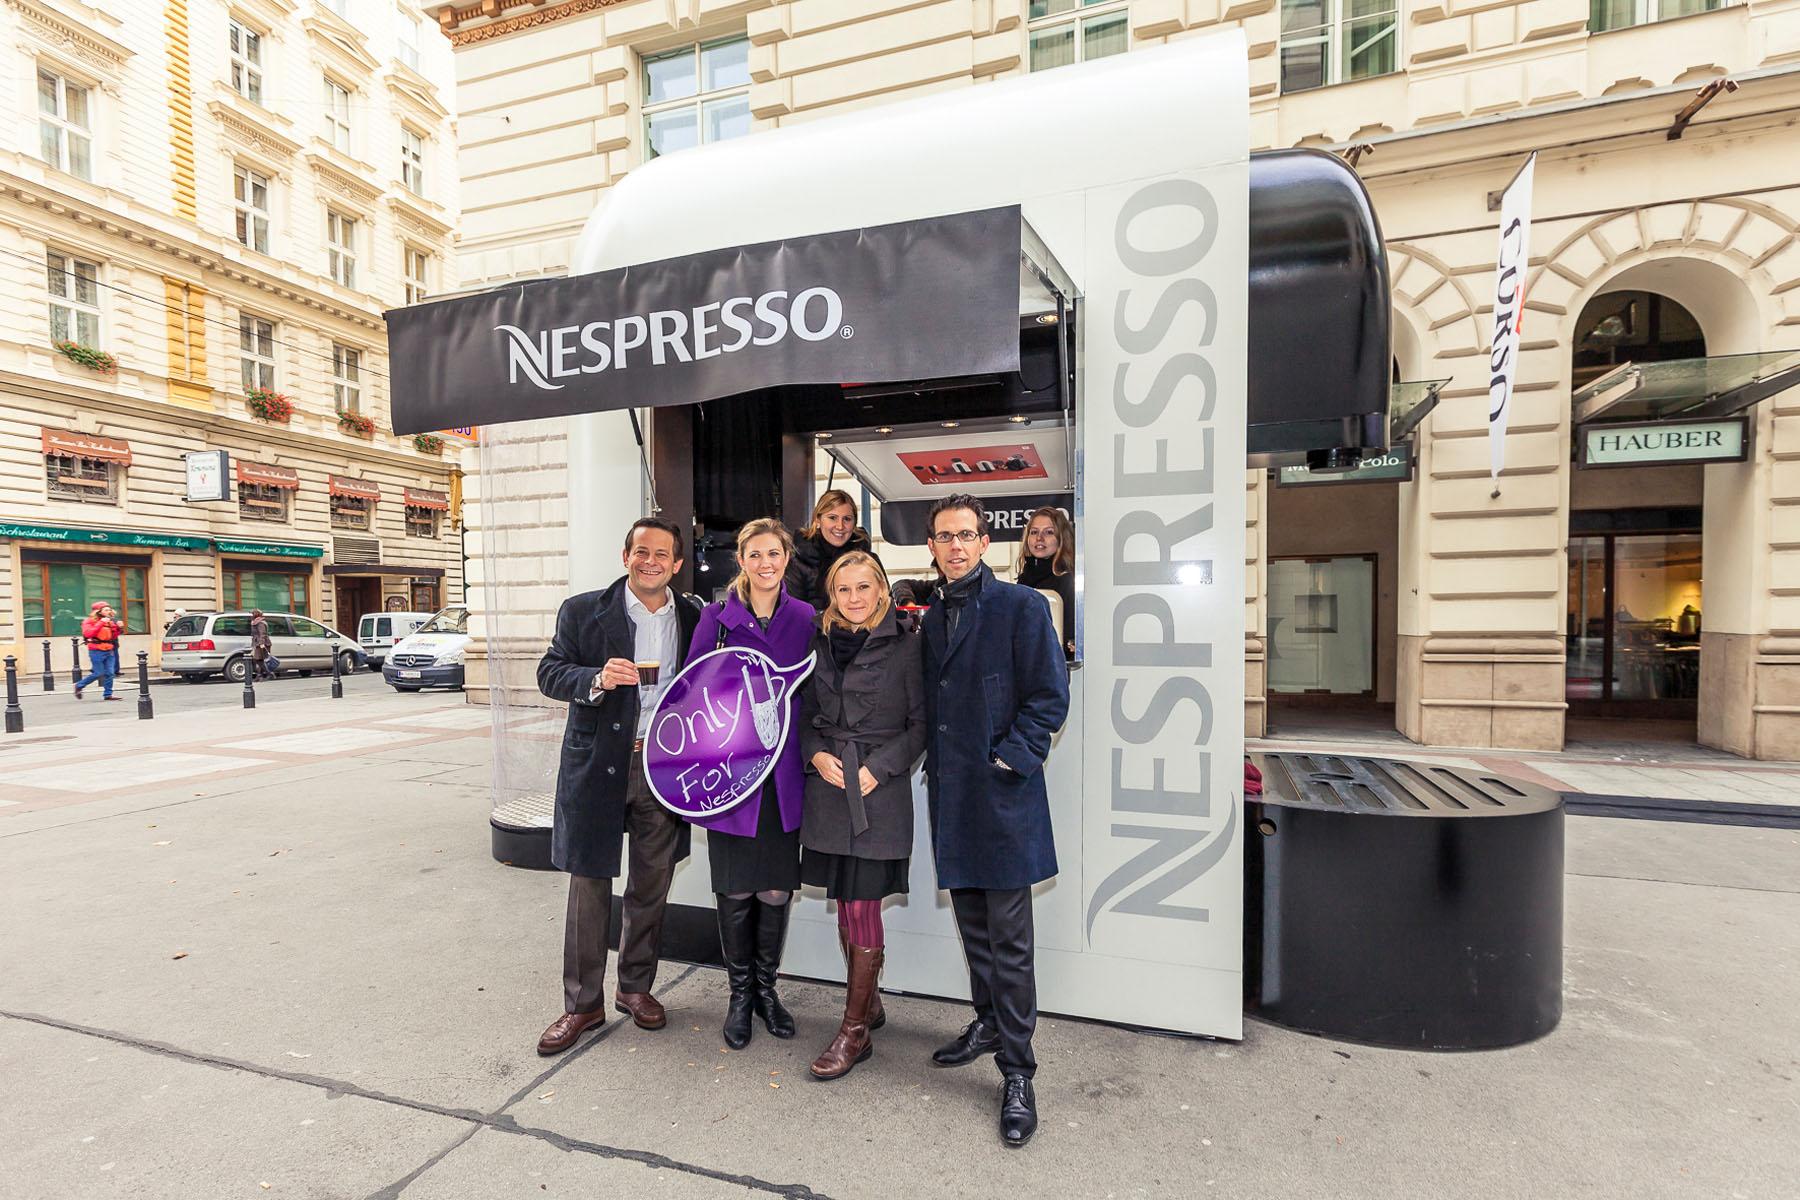 tl-2012-10-30-nespresso-presse-015